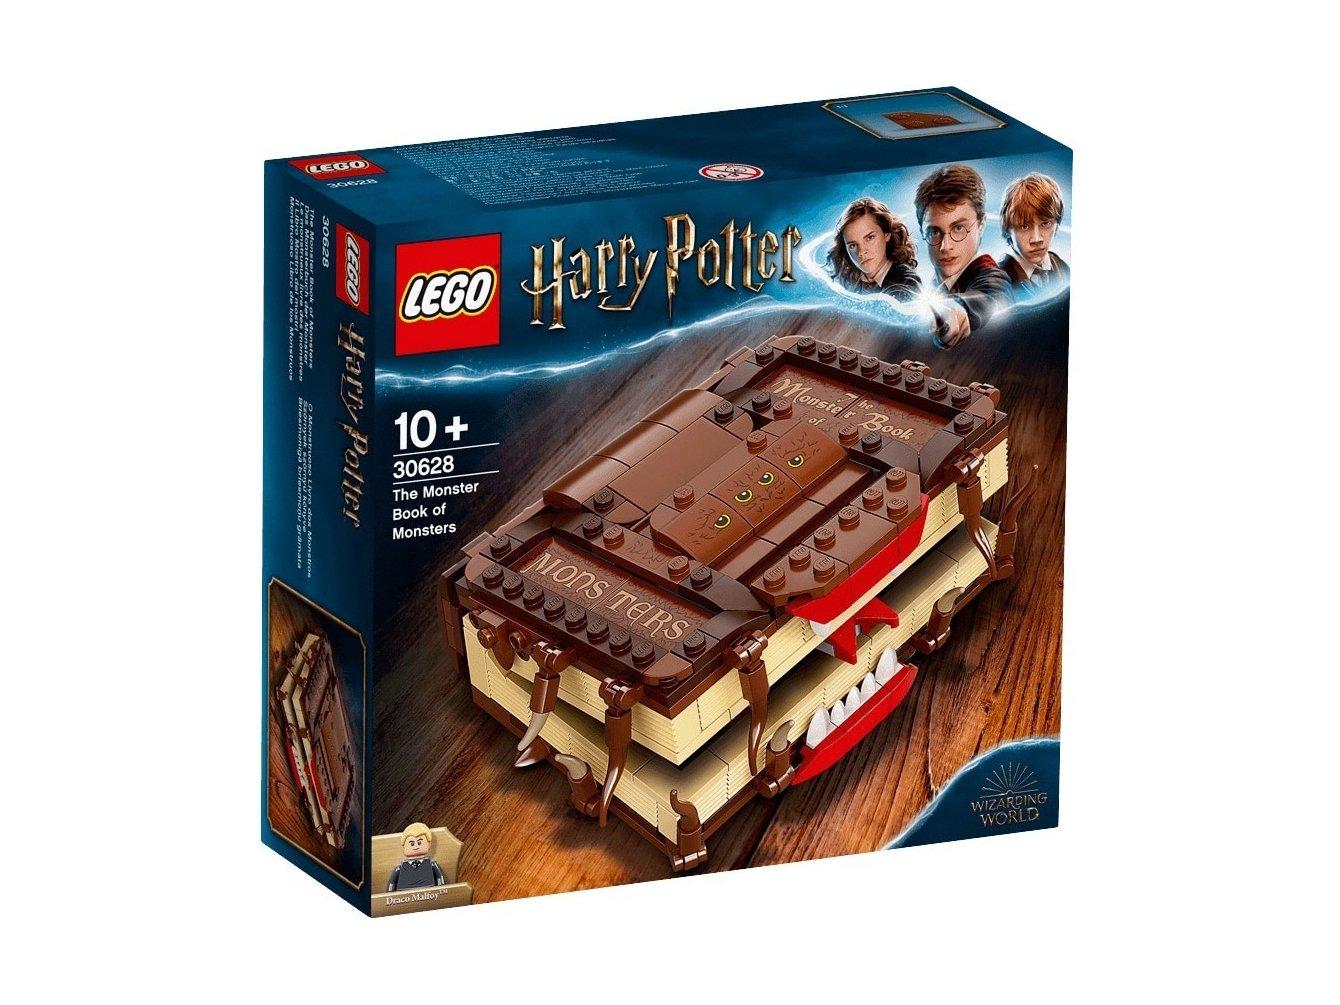 LEGO Harry Potter Potworna księga potworów 30628